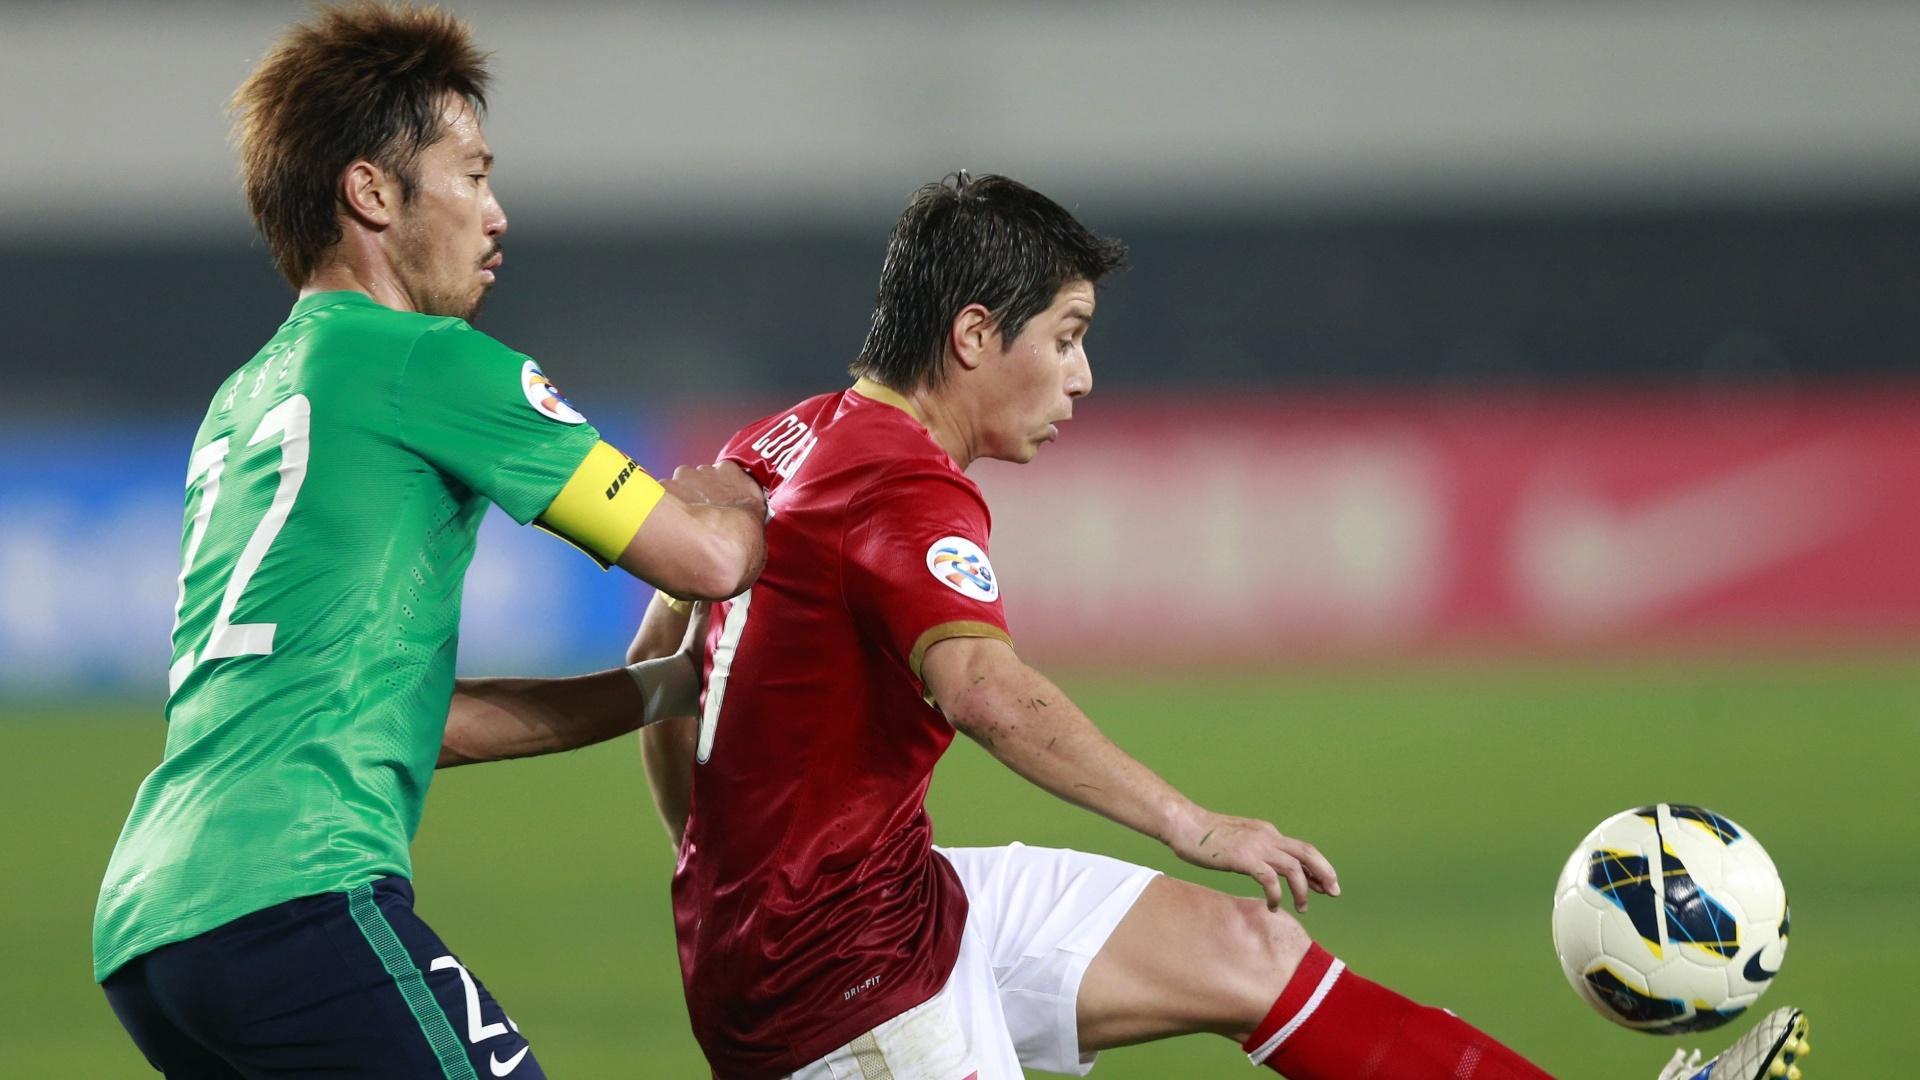 Conca, meia do Guangzhou Evergrande, recebe marcação de jogador do Urawa Red Diamonds